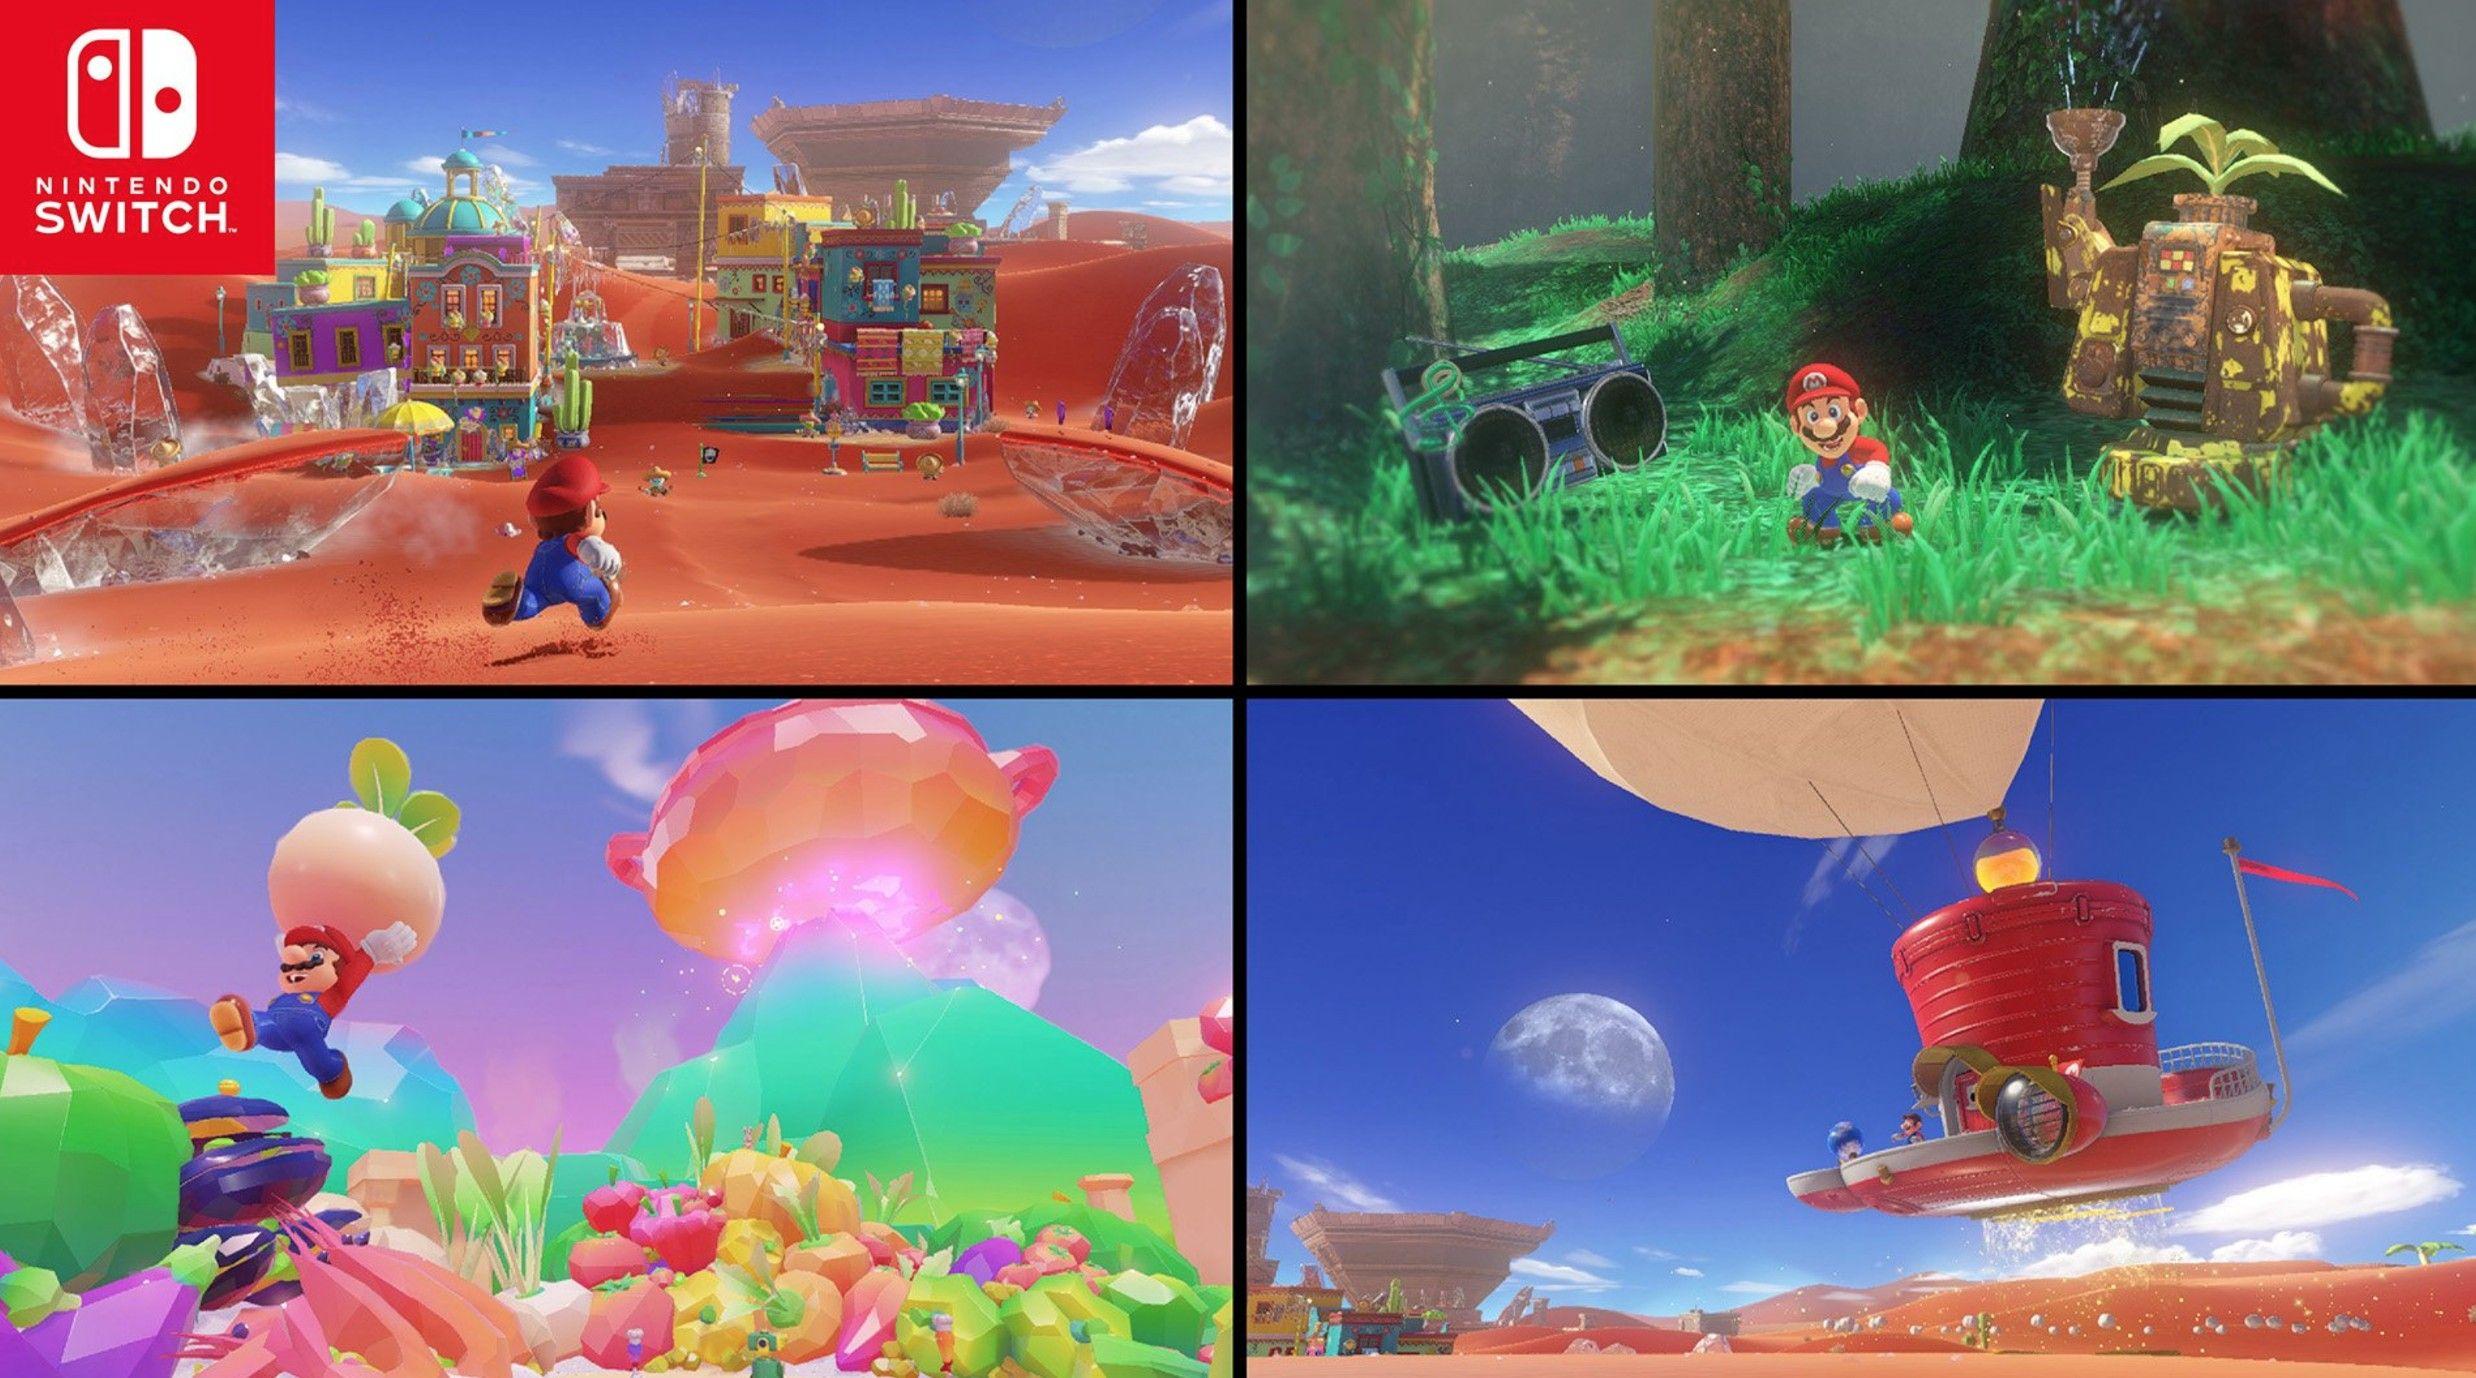 Épinglé par Liam Neate sur Super Mario Odyssey Nintendo